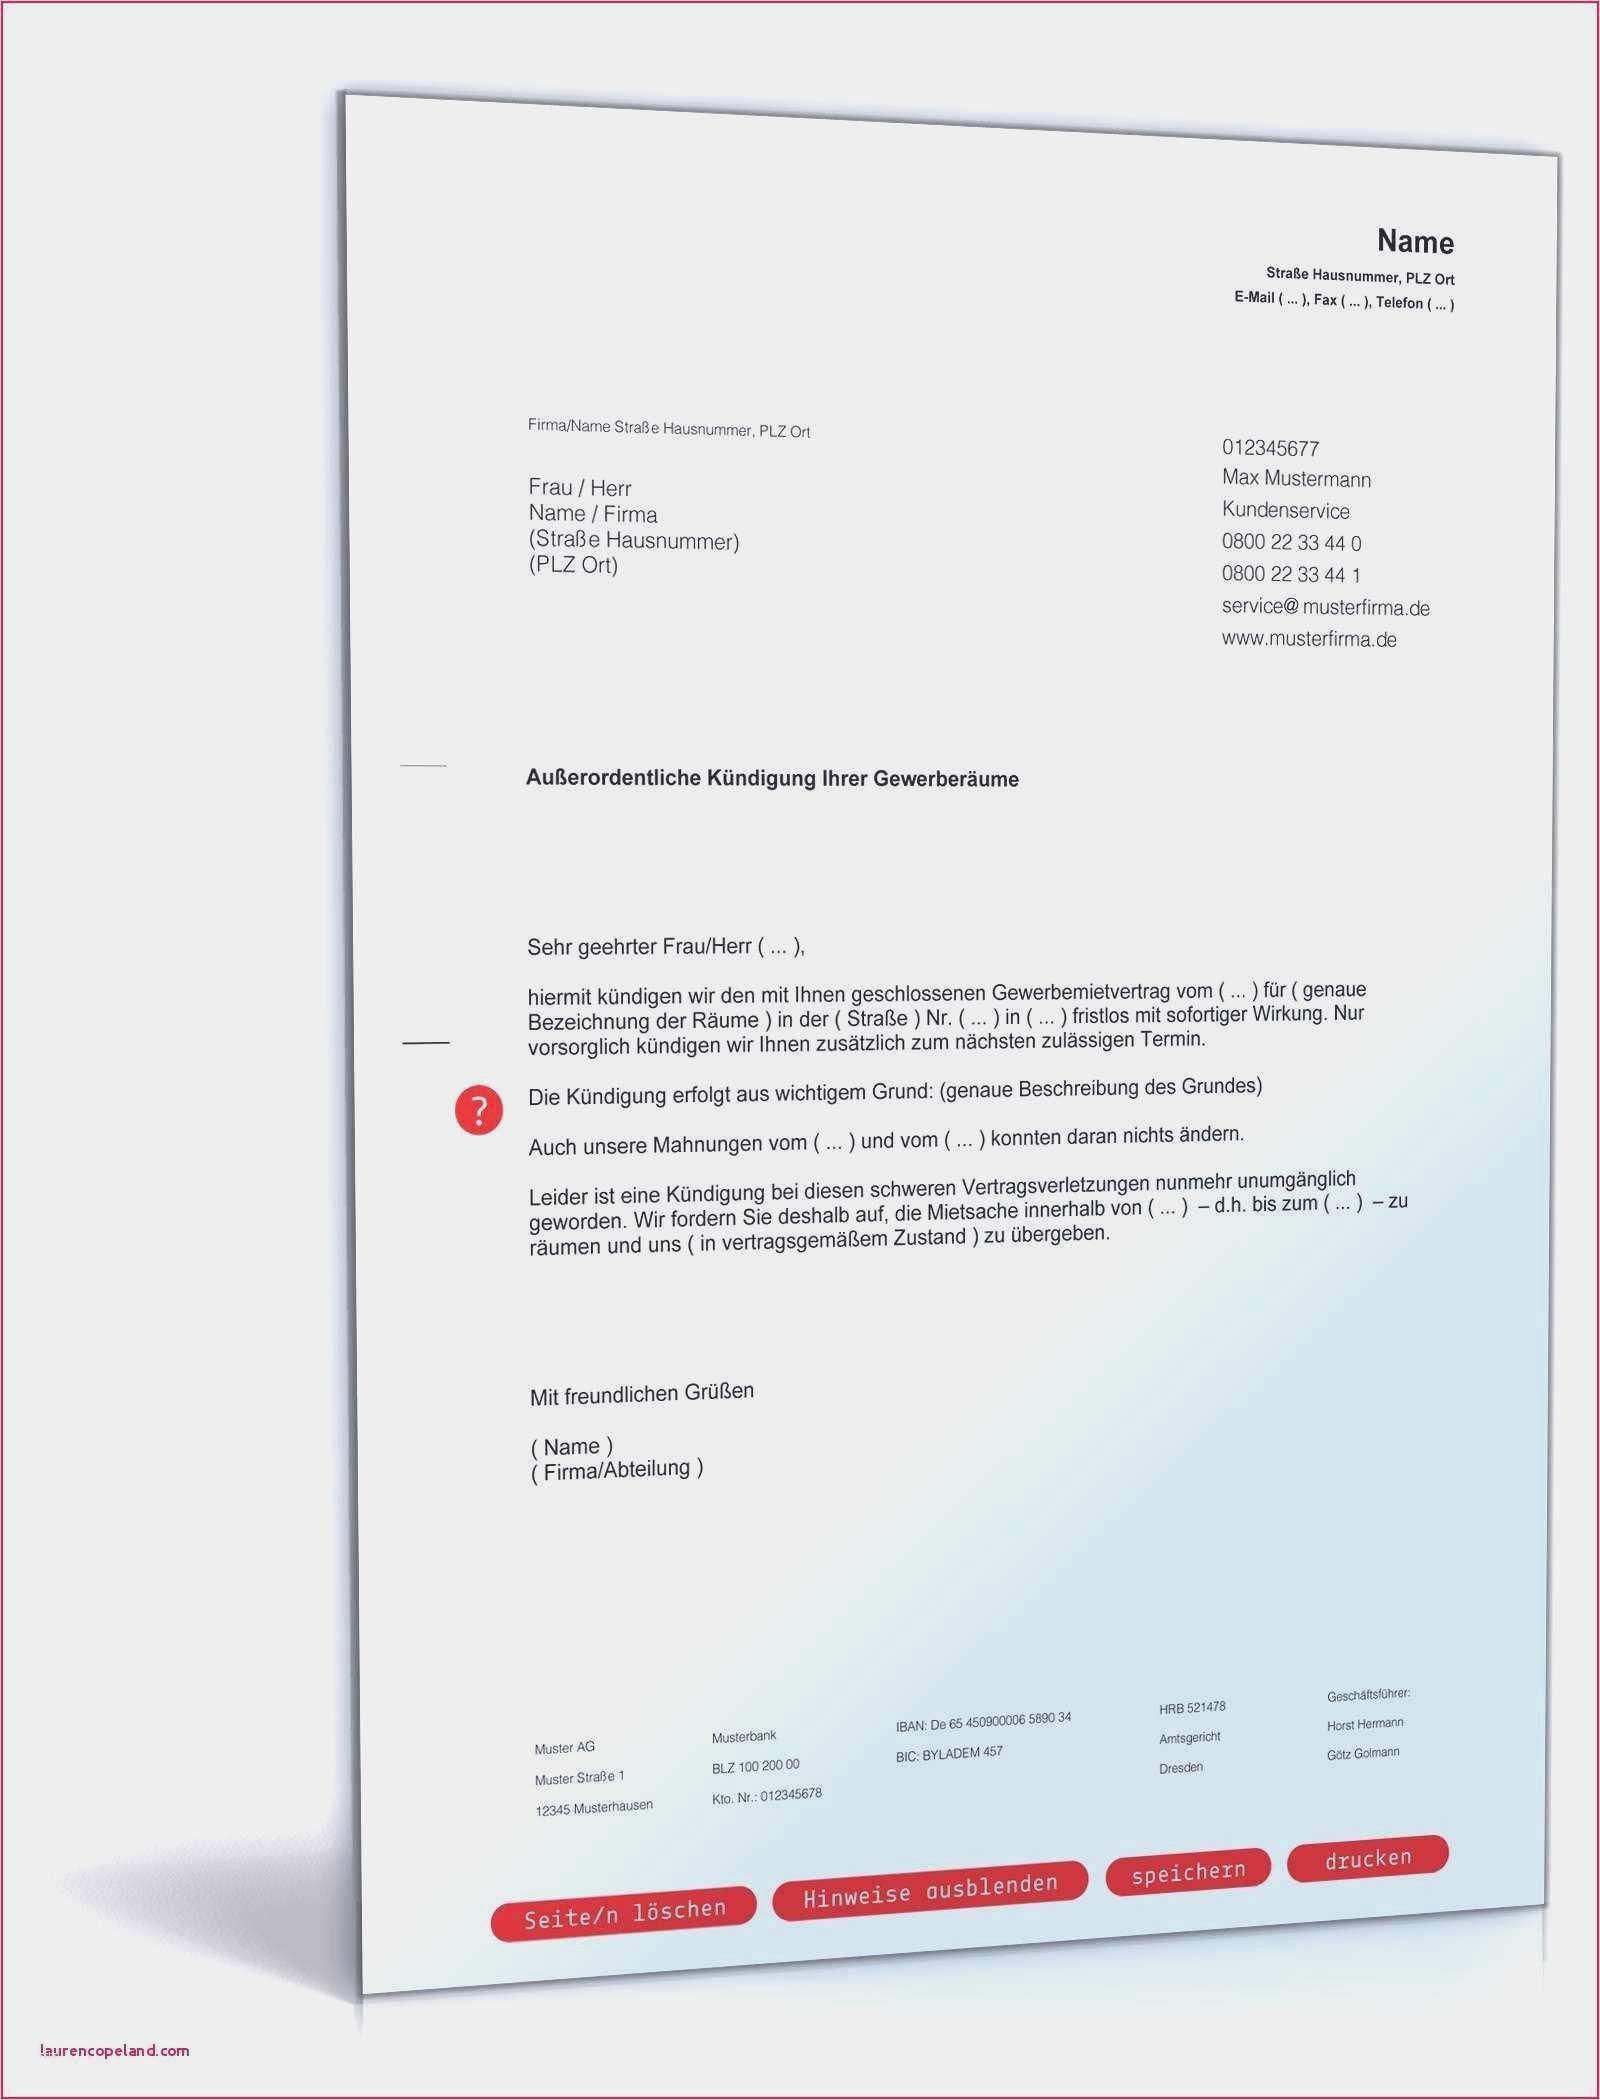 50 Angenehm Eprimo Kundigen Umzug Vorlage Foto In 2020 Arbeitsvertrag Muster Kaufvertrag Vorlage Vorlagen